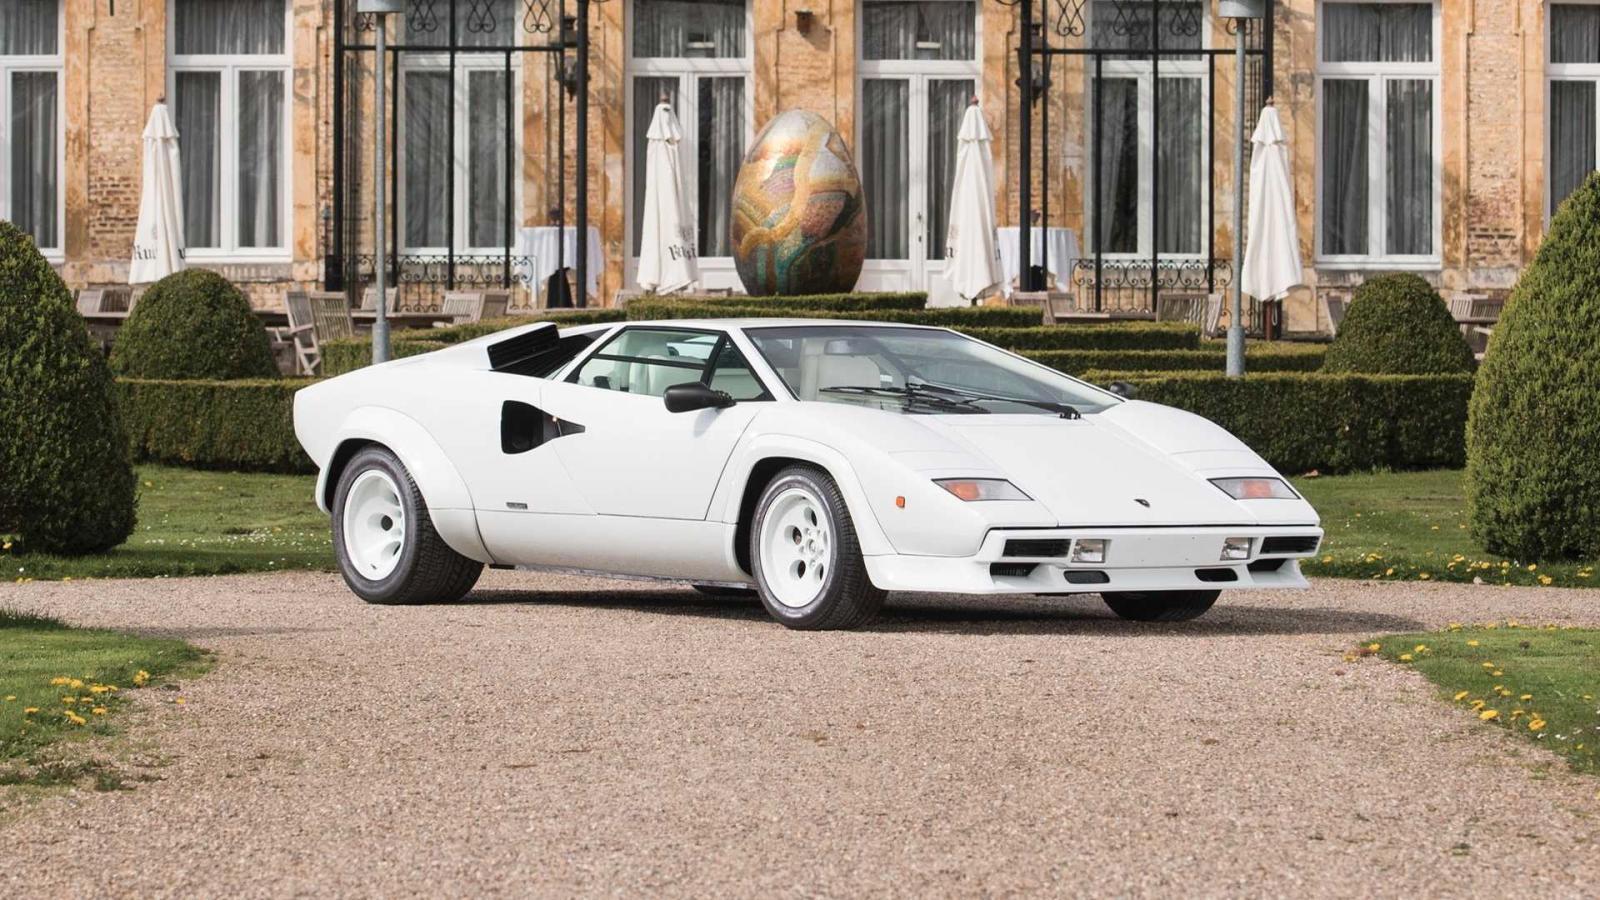 Lamborghini Countach с золотой отделкой внутри (1987) (примерно 650 000 долларов)